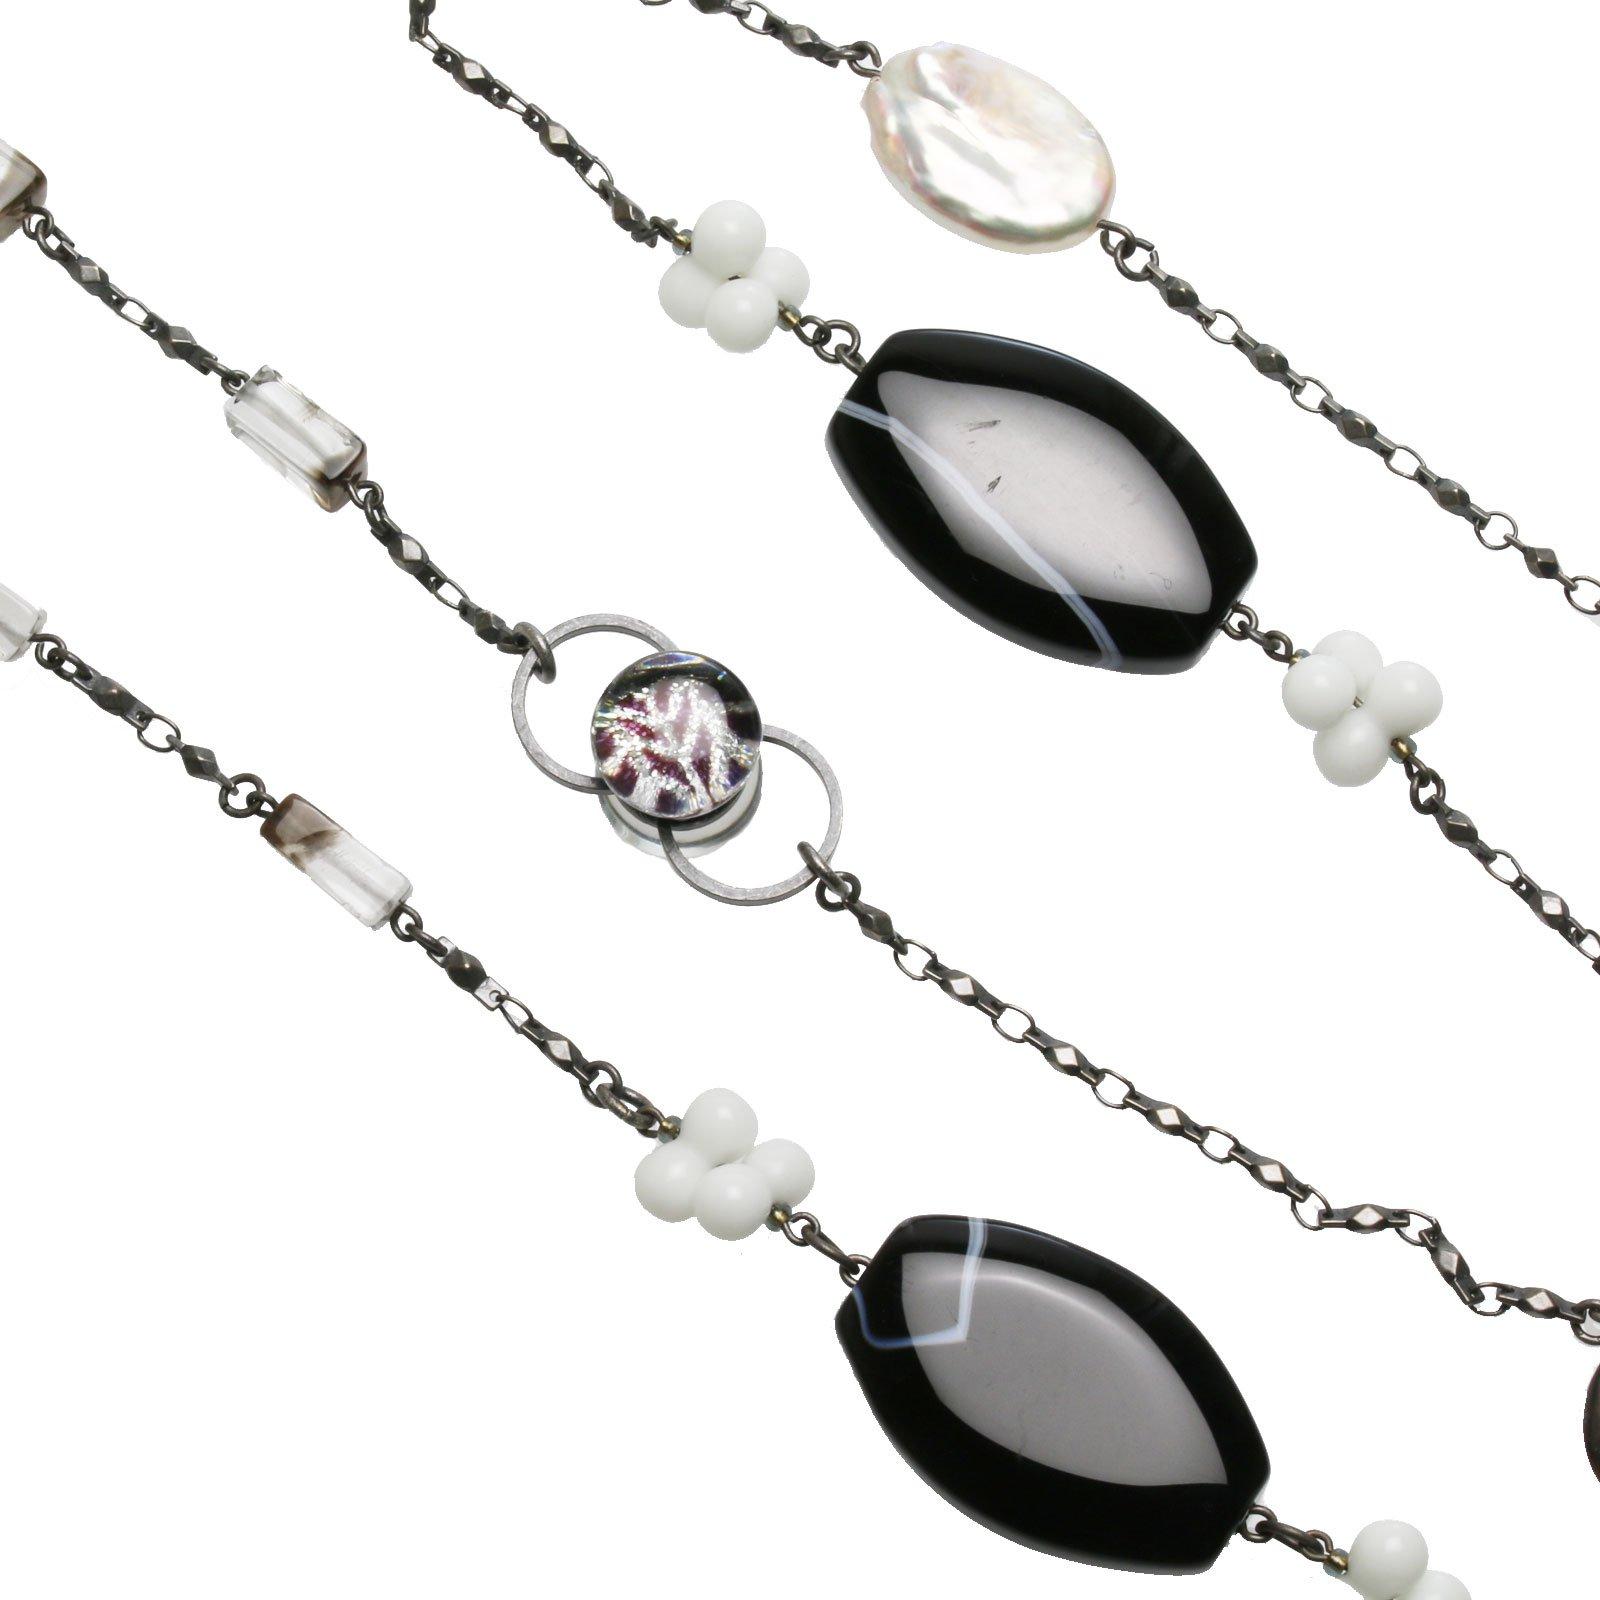 Tamarusan Eyeglasses Chain Necklace Shell Onyx Smokey Quartz Handmade